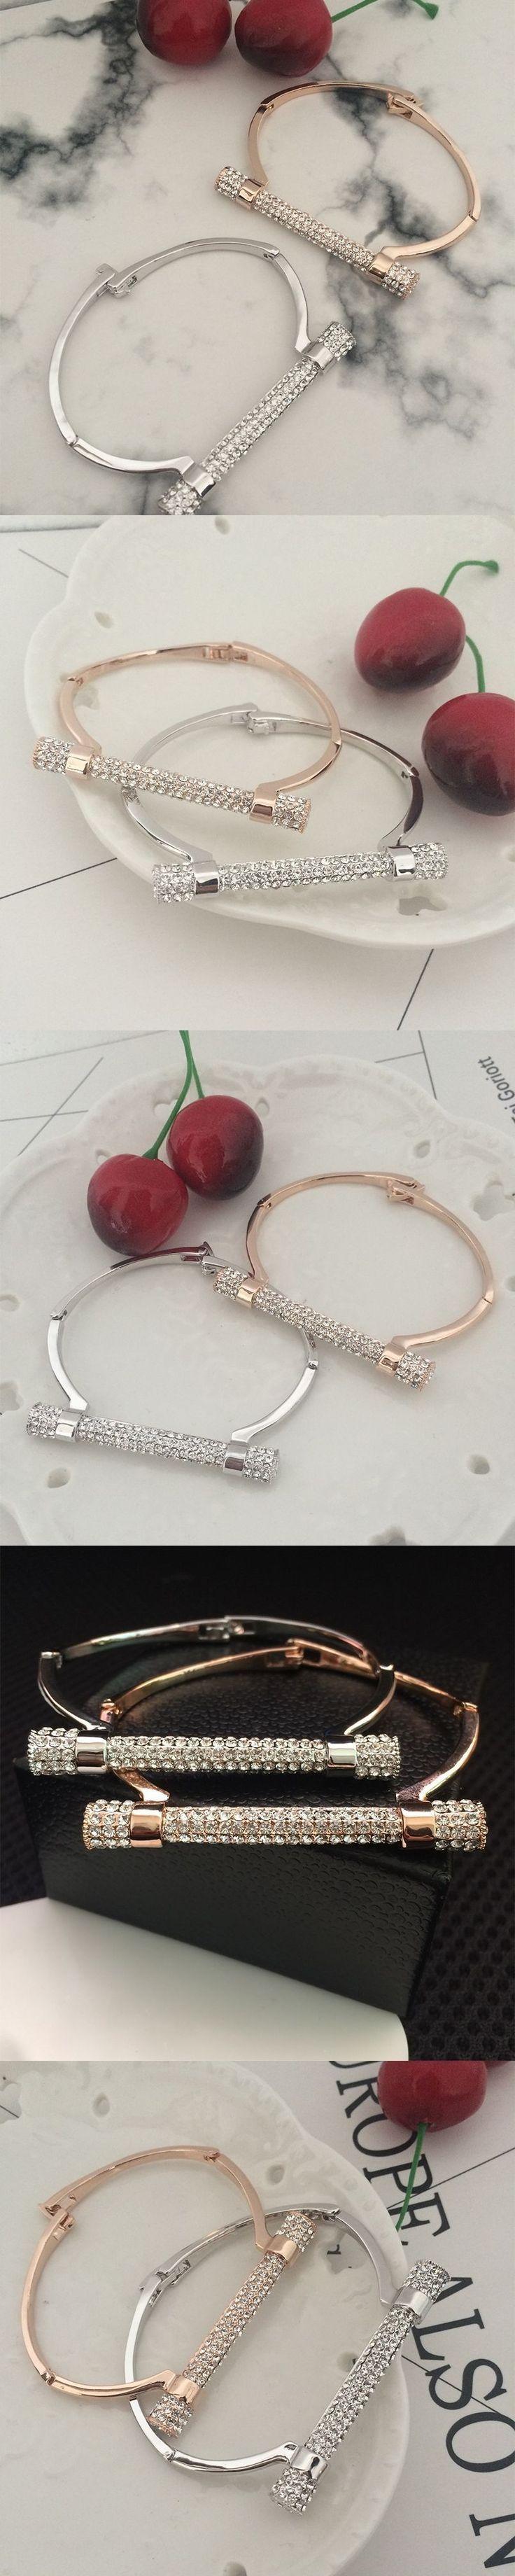 D shape metal bracelet cuff  bileklik crystal bangle luxury jewelry Horseshoe bracelets & bangles brazaletes pulseras mujer #luxurymujer